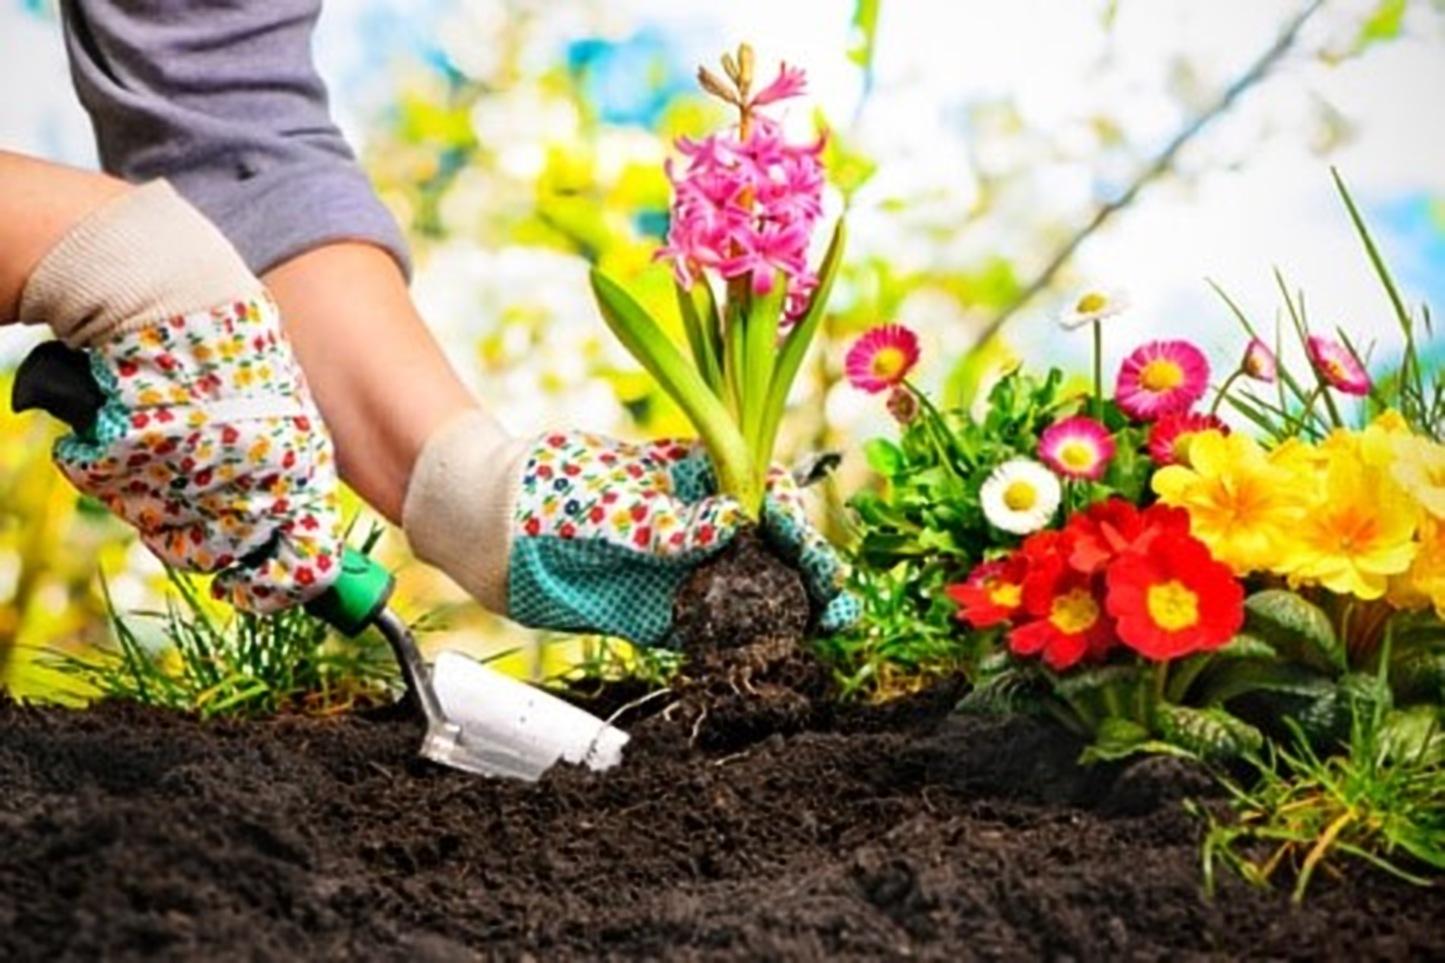 kleurencombinatie voor in de tuin.v2